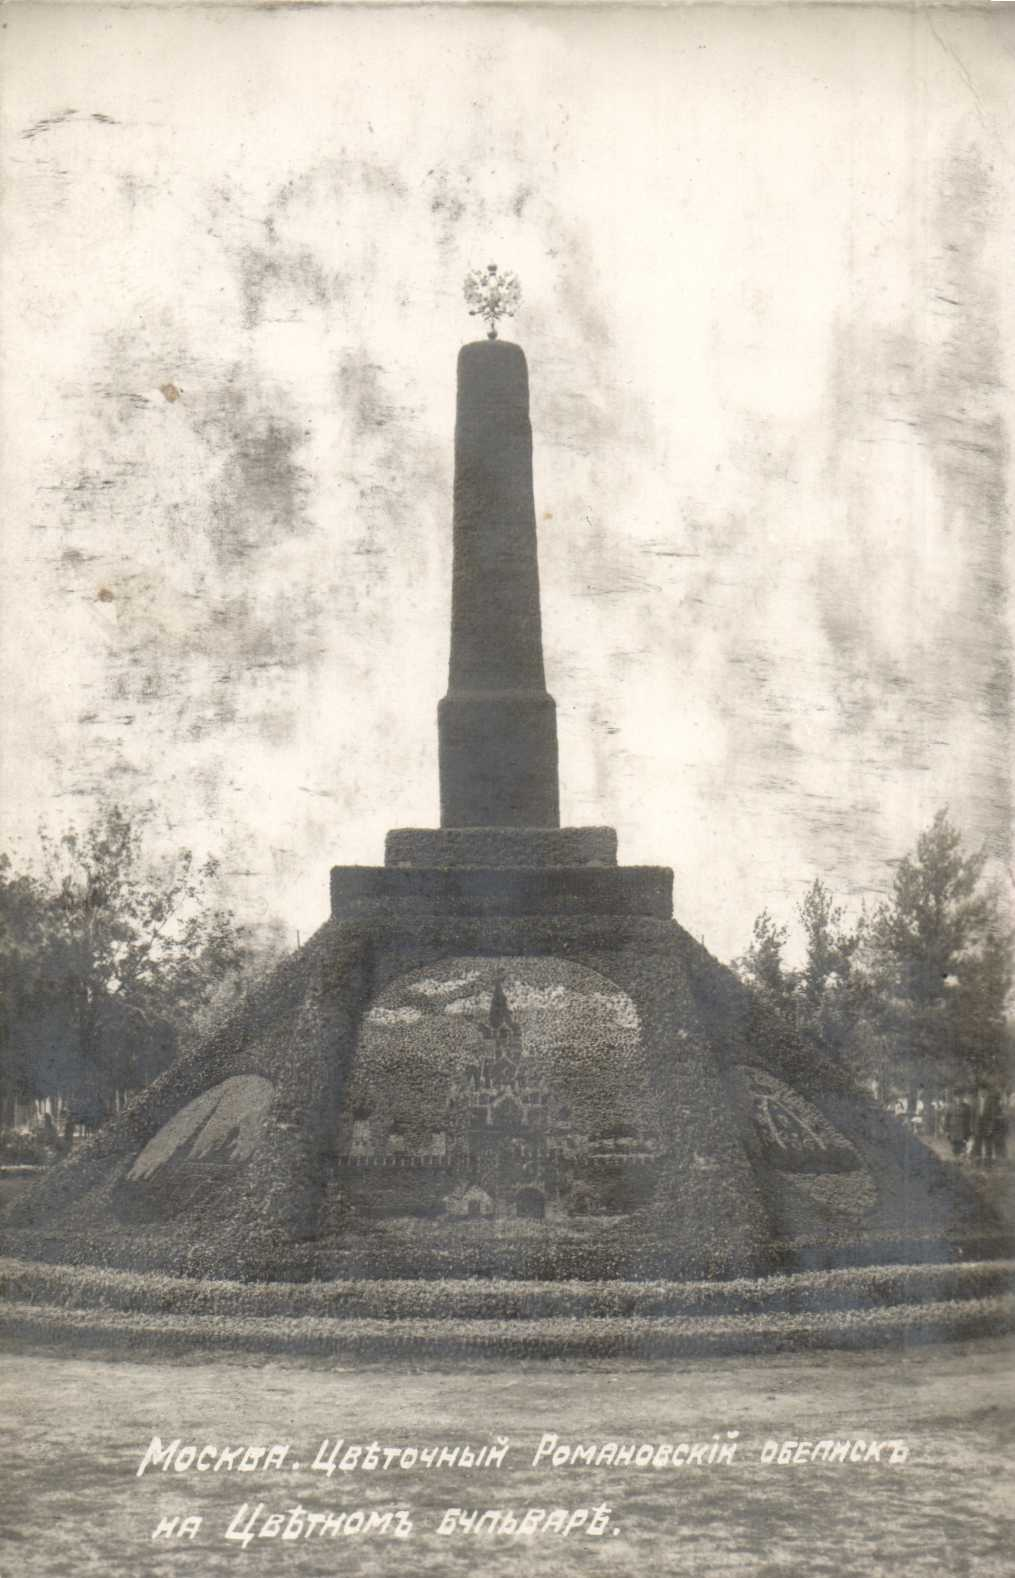 Цветочный Романовский обелиск